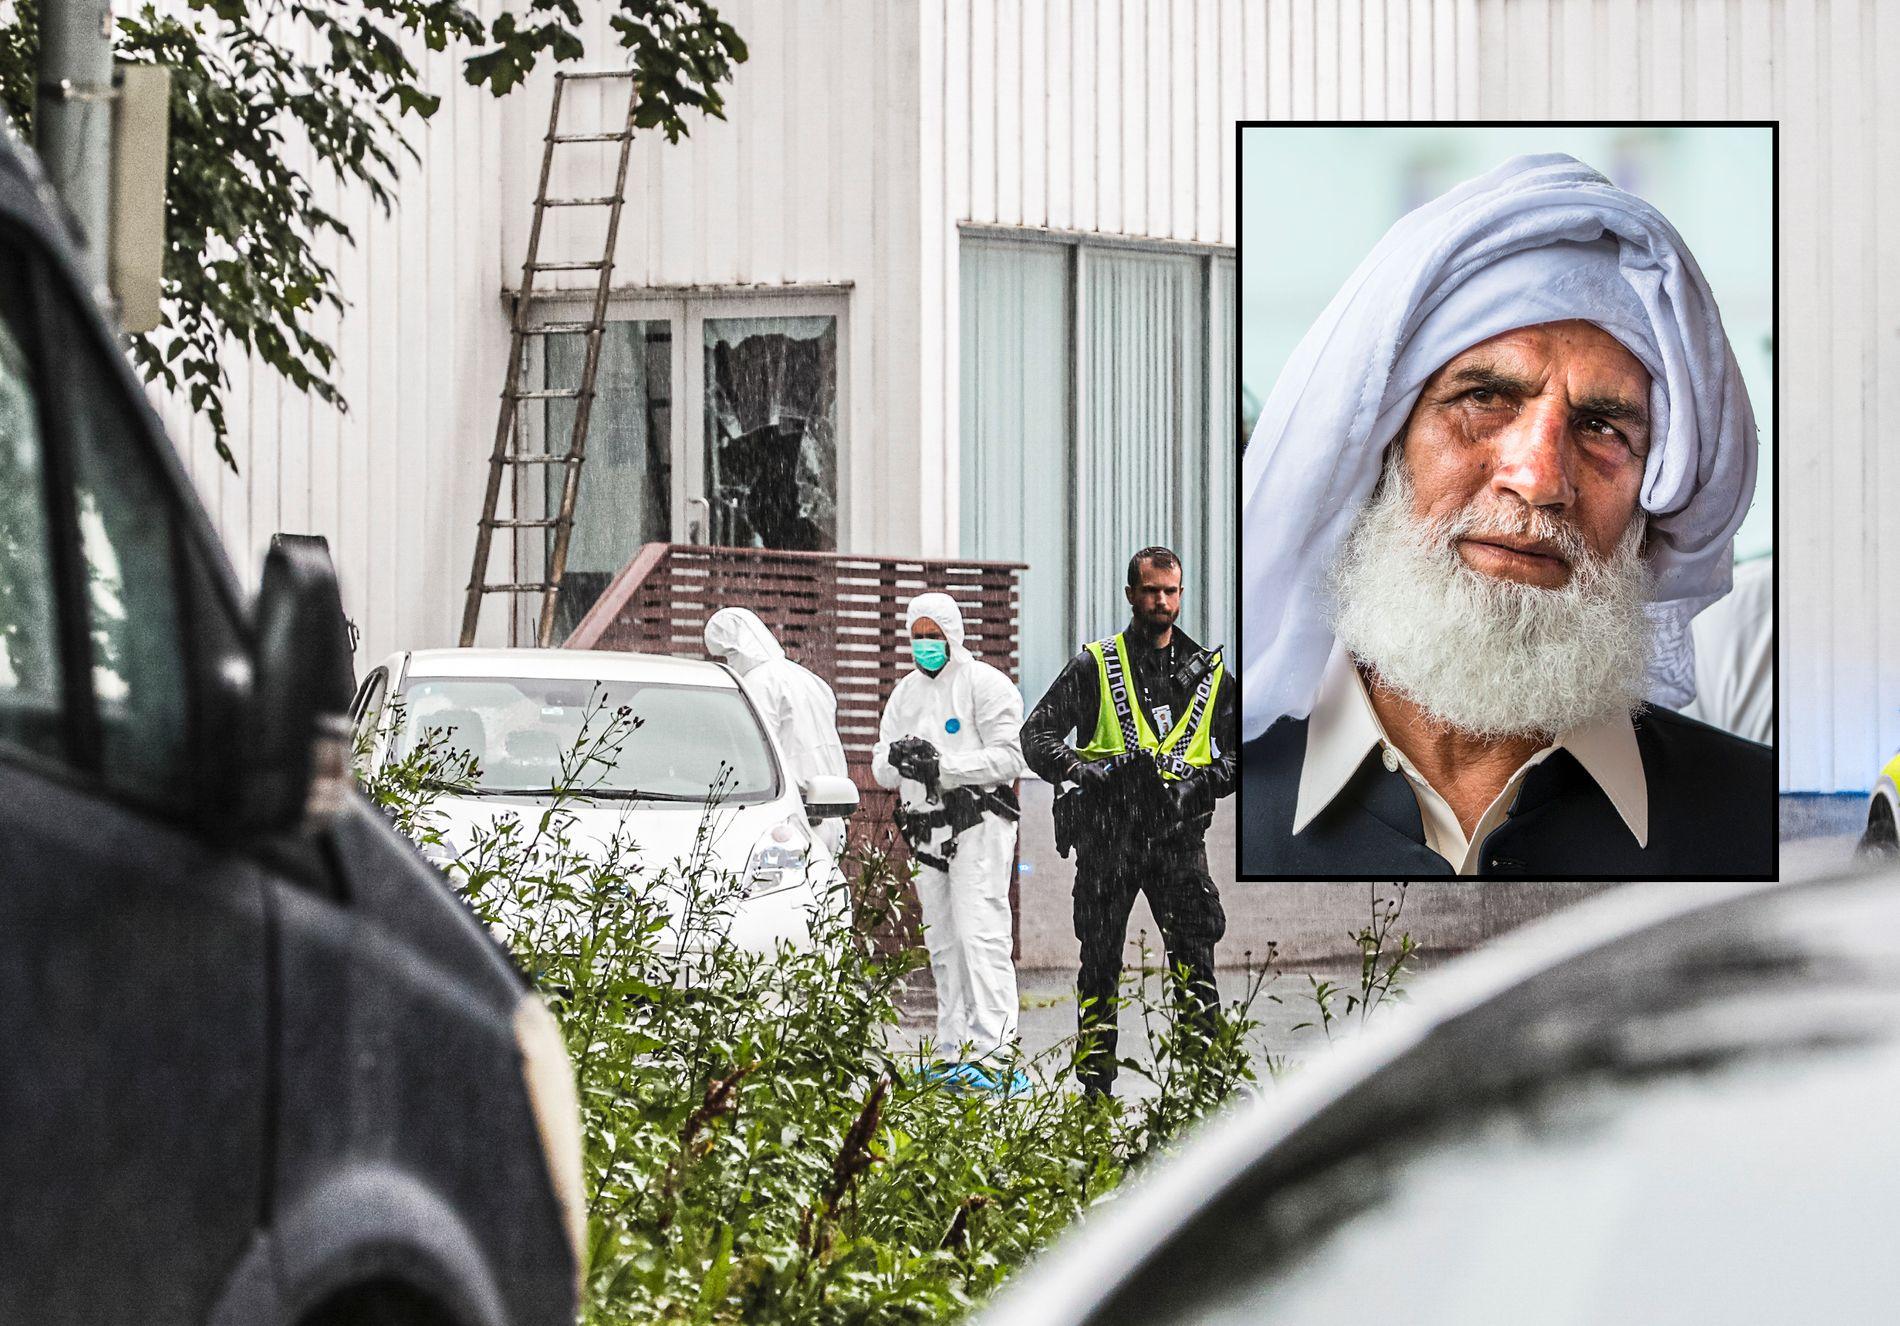 OVERMANNET: 65 år gamle Muhammad Rafiq overmannet 21-åringen som skjøt seg inn i moskeen i Bærum.